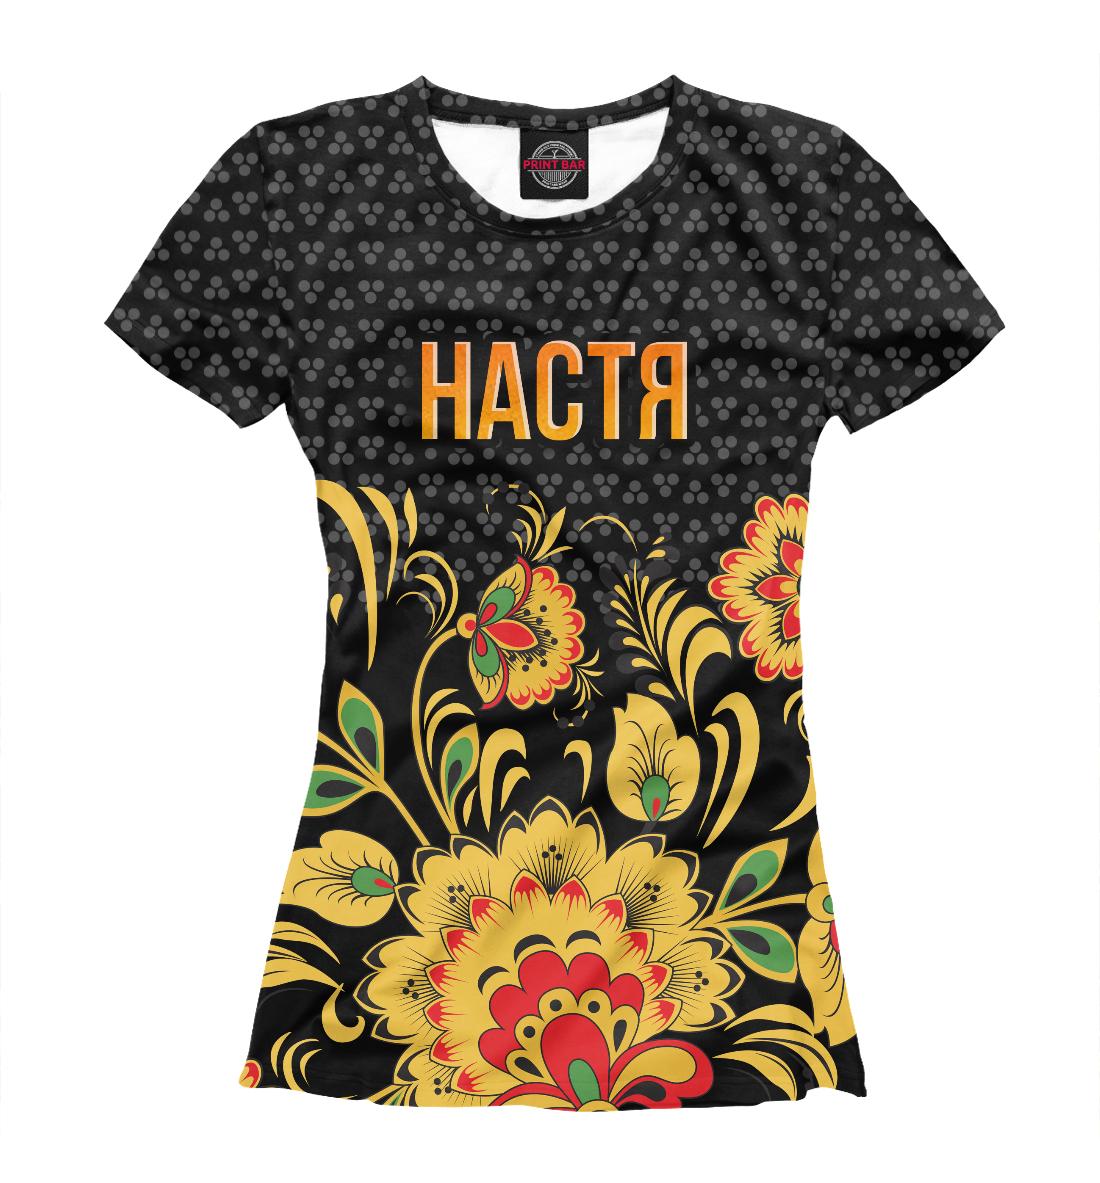 Купить Хохлома Настя, Printbar, Футболки, ANS-156760-fut-1